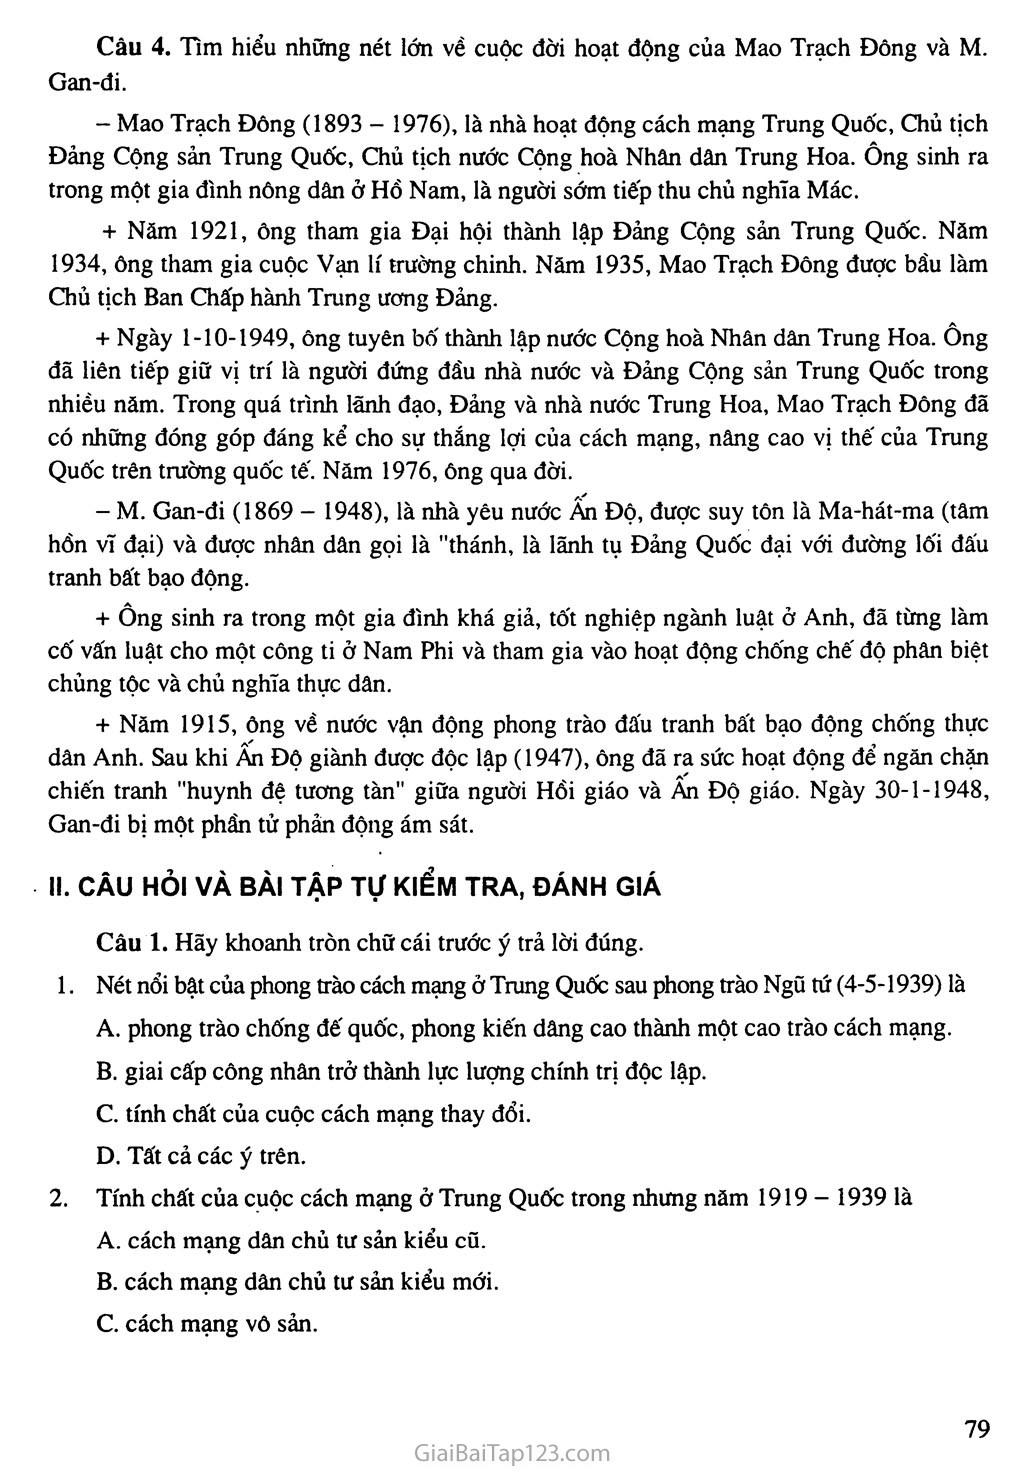 Bài 15: Phong trào cách mạng ở Trung Quốc và Ấn Độ (1918 - 1939) trang 5